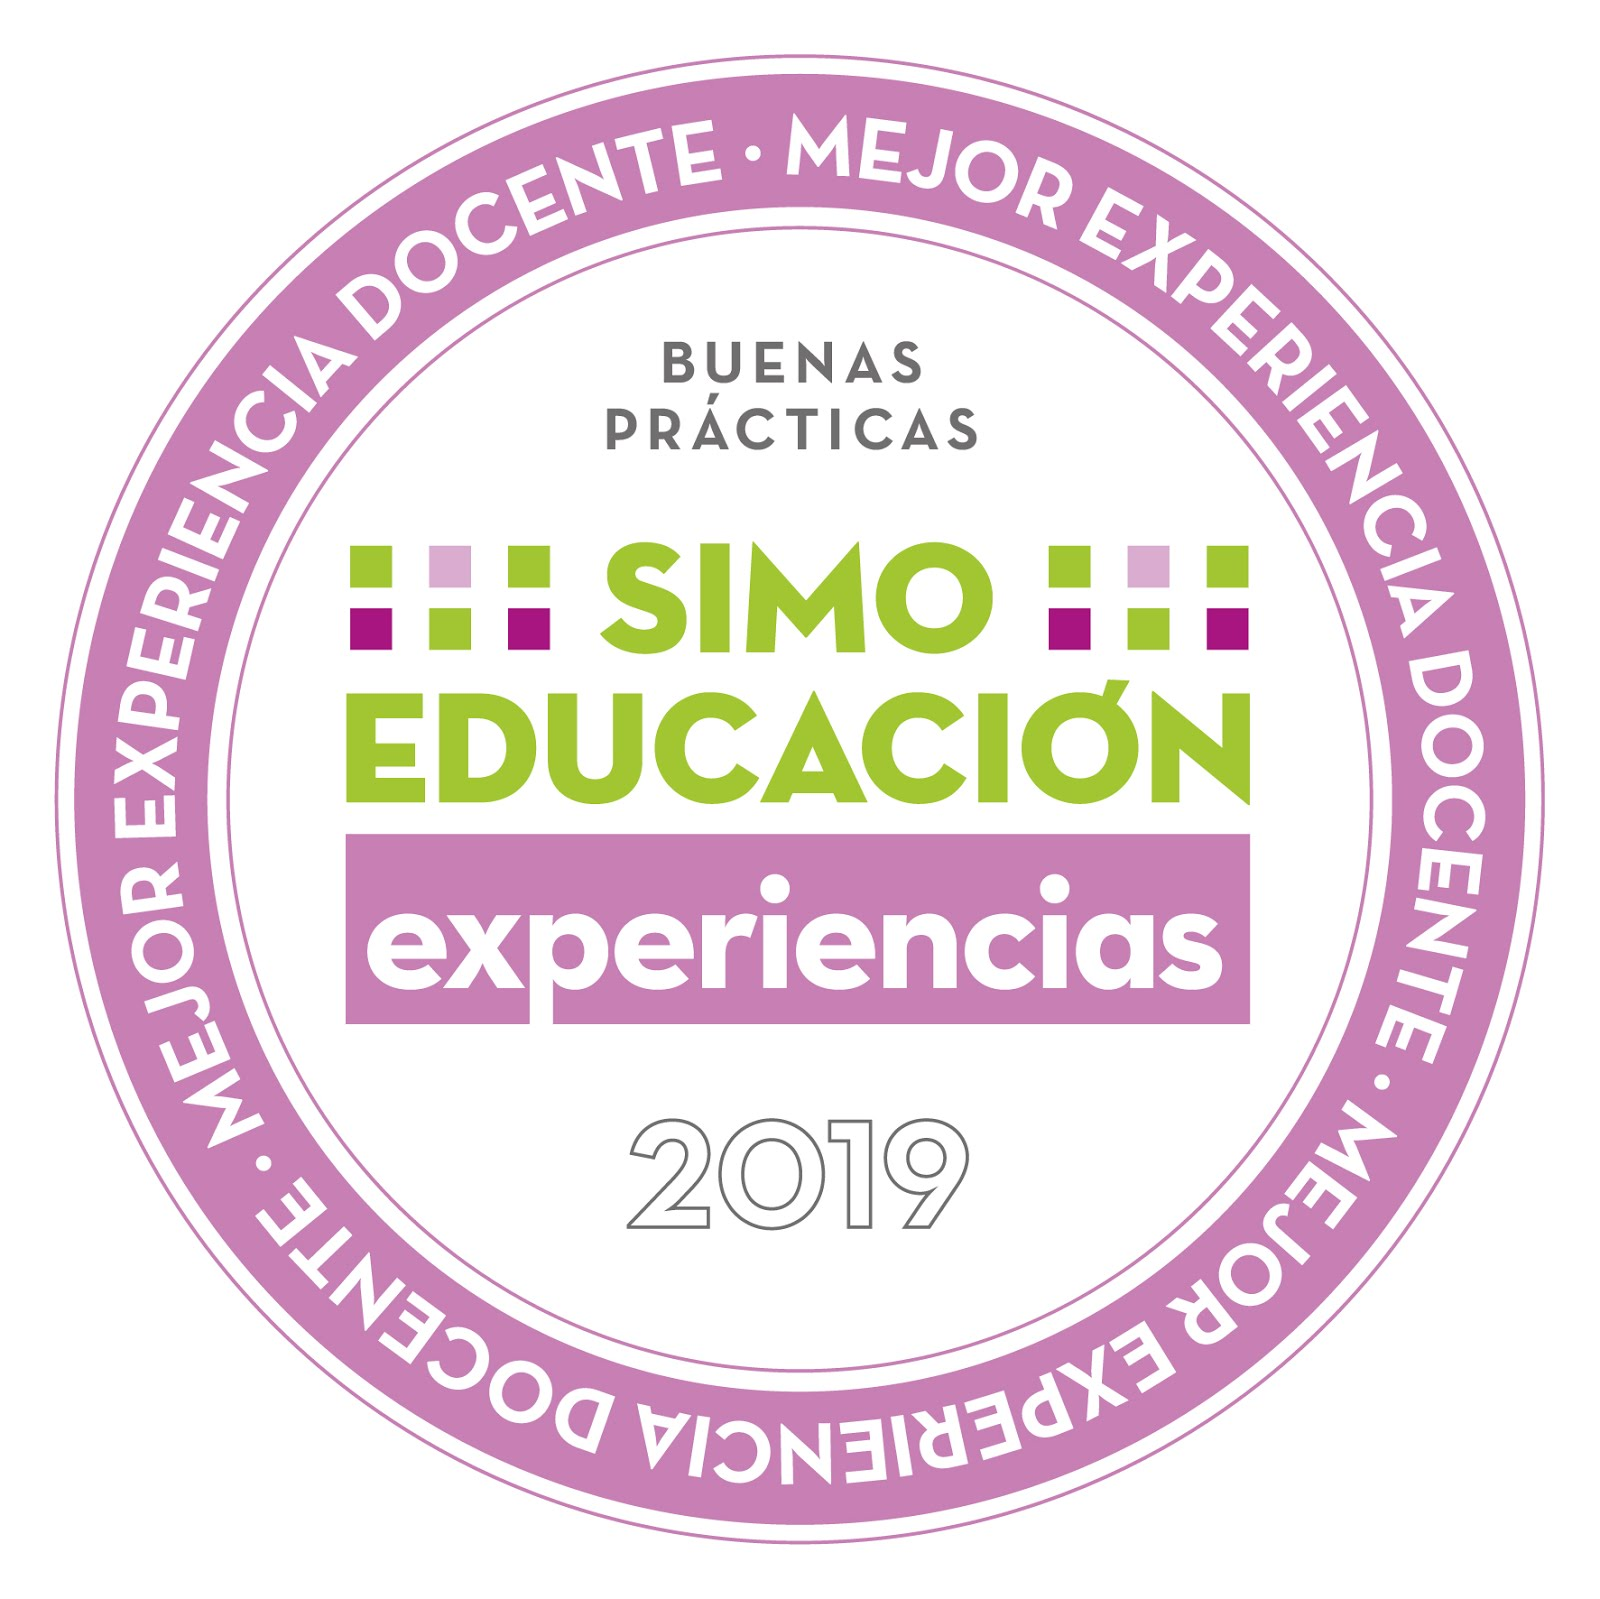 Premio de Metodologías activas + InnotechEDU (SIMO)